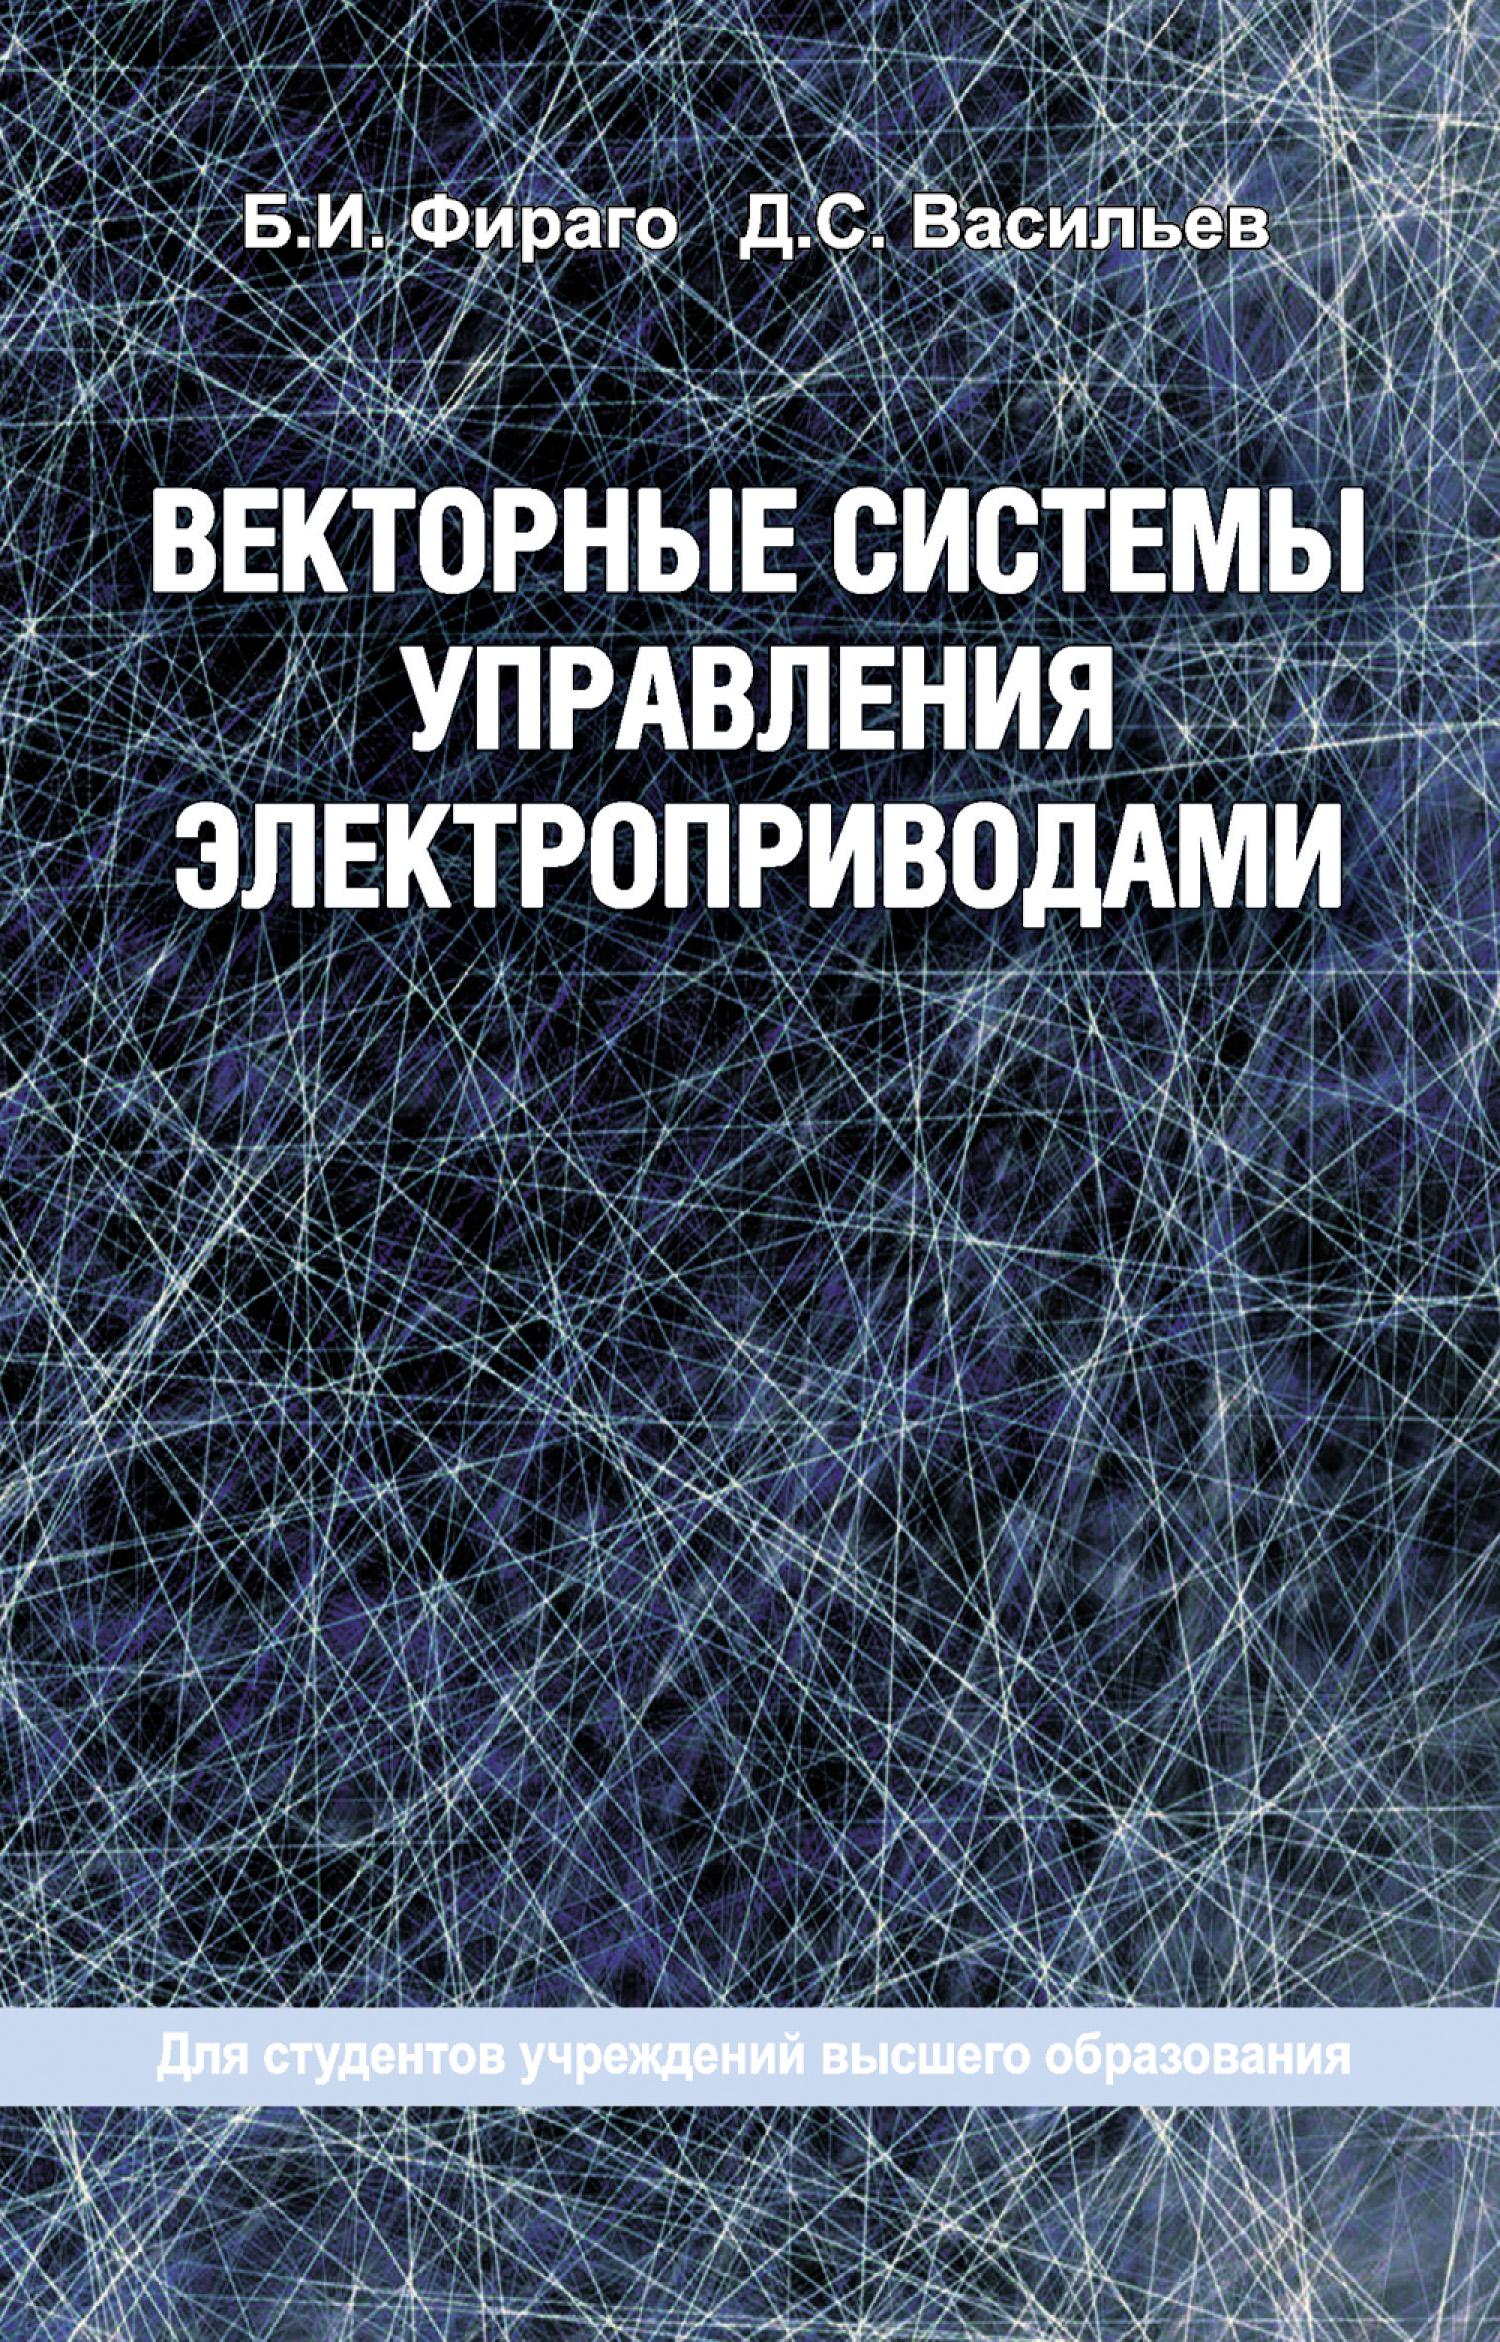 Б. И. Фираго Векторные системы управления электроприводами автоматизированные системы управления лабораторный практикум по техническим средствам